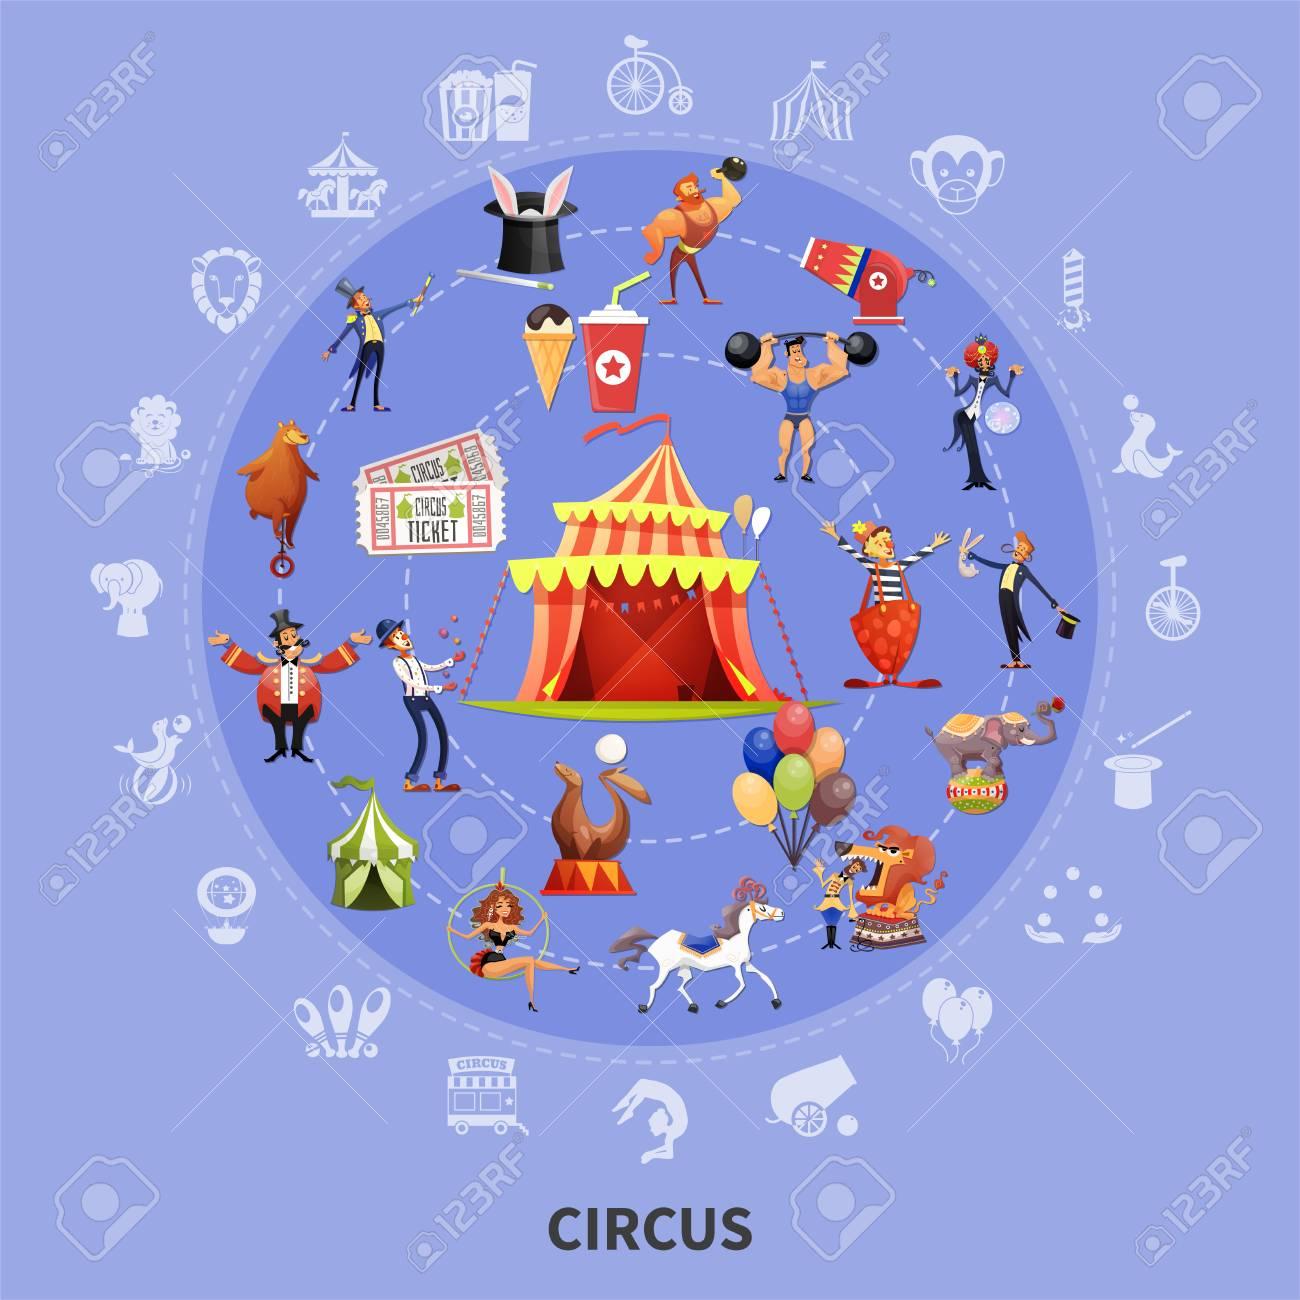 Cirque Couleur Dessin Animé Rond Composition Avec Jeu D Icônes Combiné En Illustration Vectorielle Grand Cercle